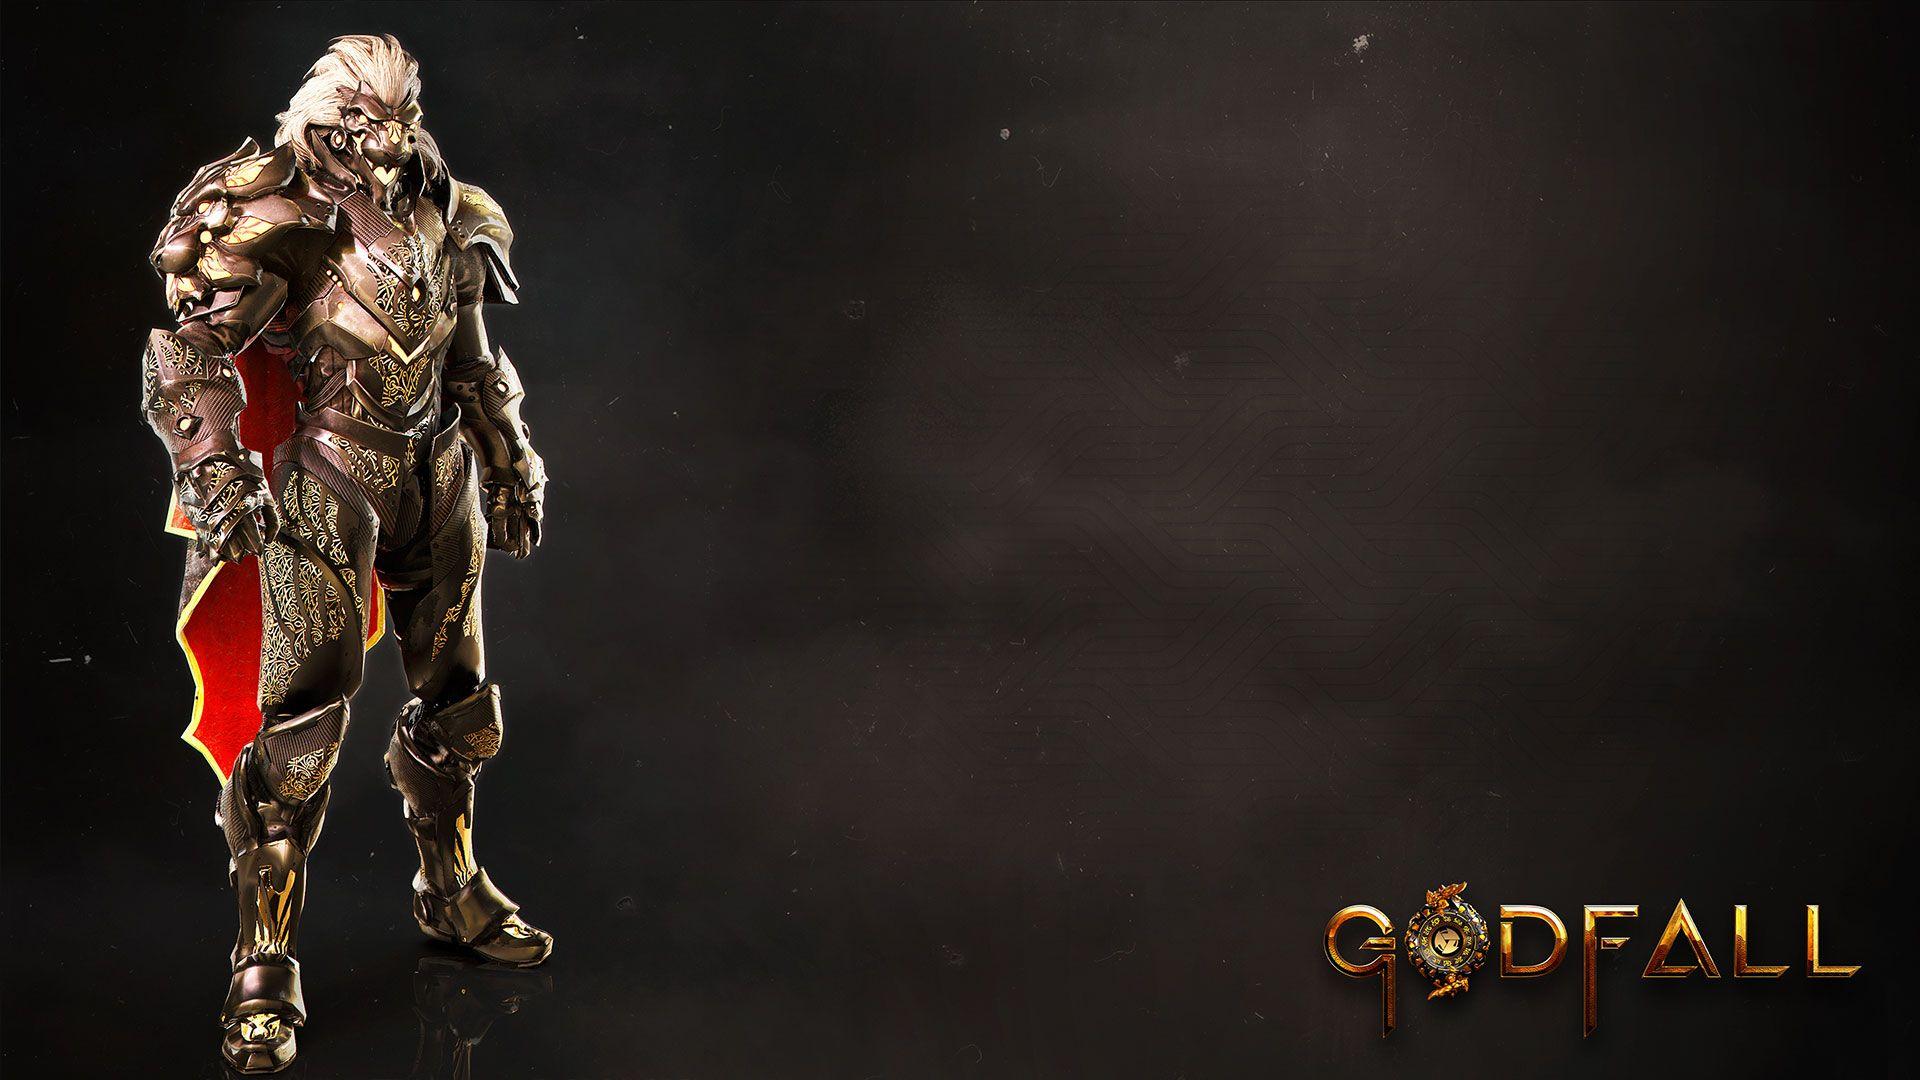 GodFall: novas imagens destacam personagens principais 1